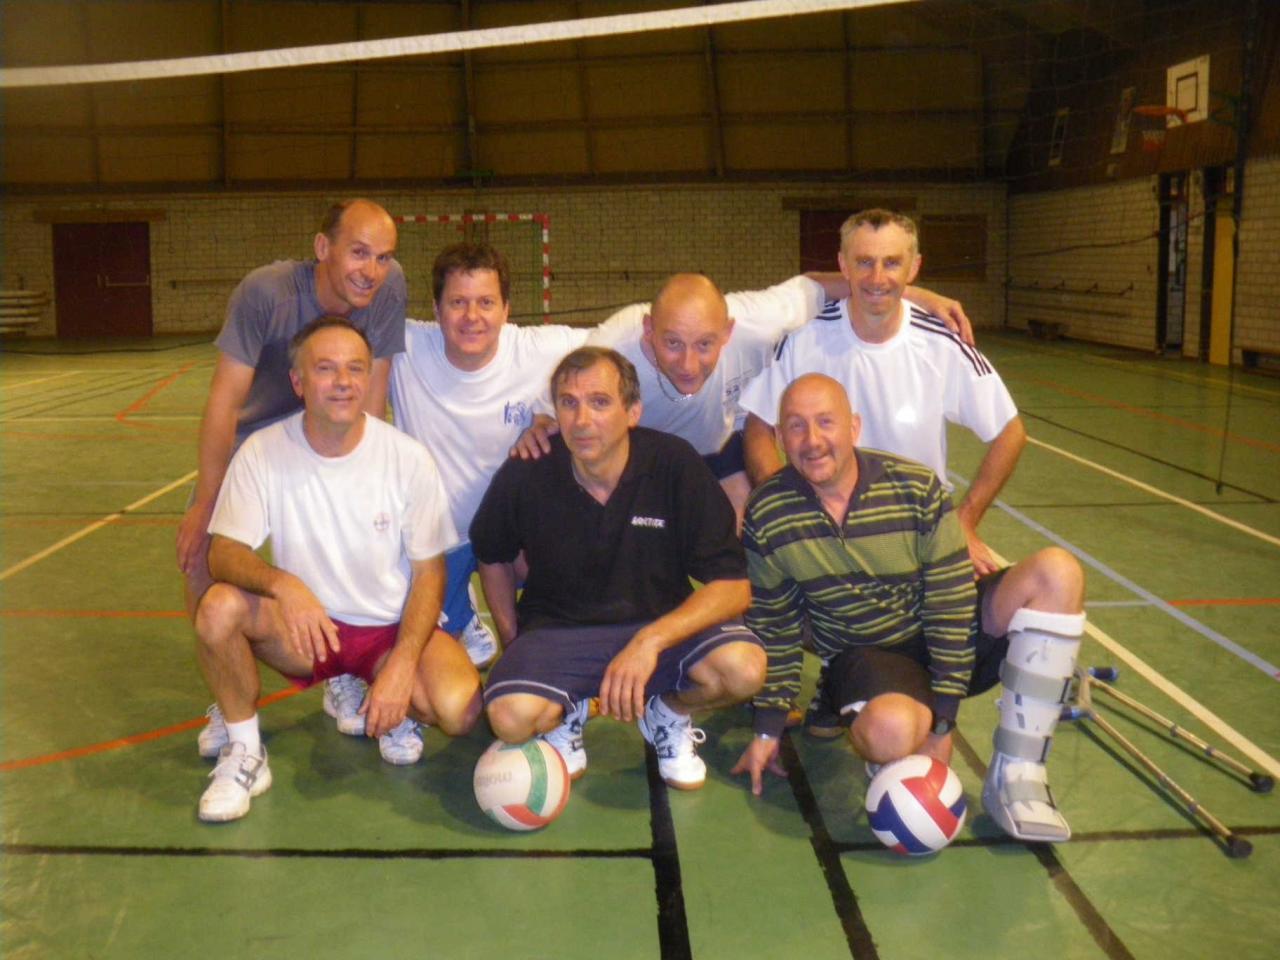 2009 - l'équipe Bart 1 championne de poule A